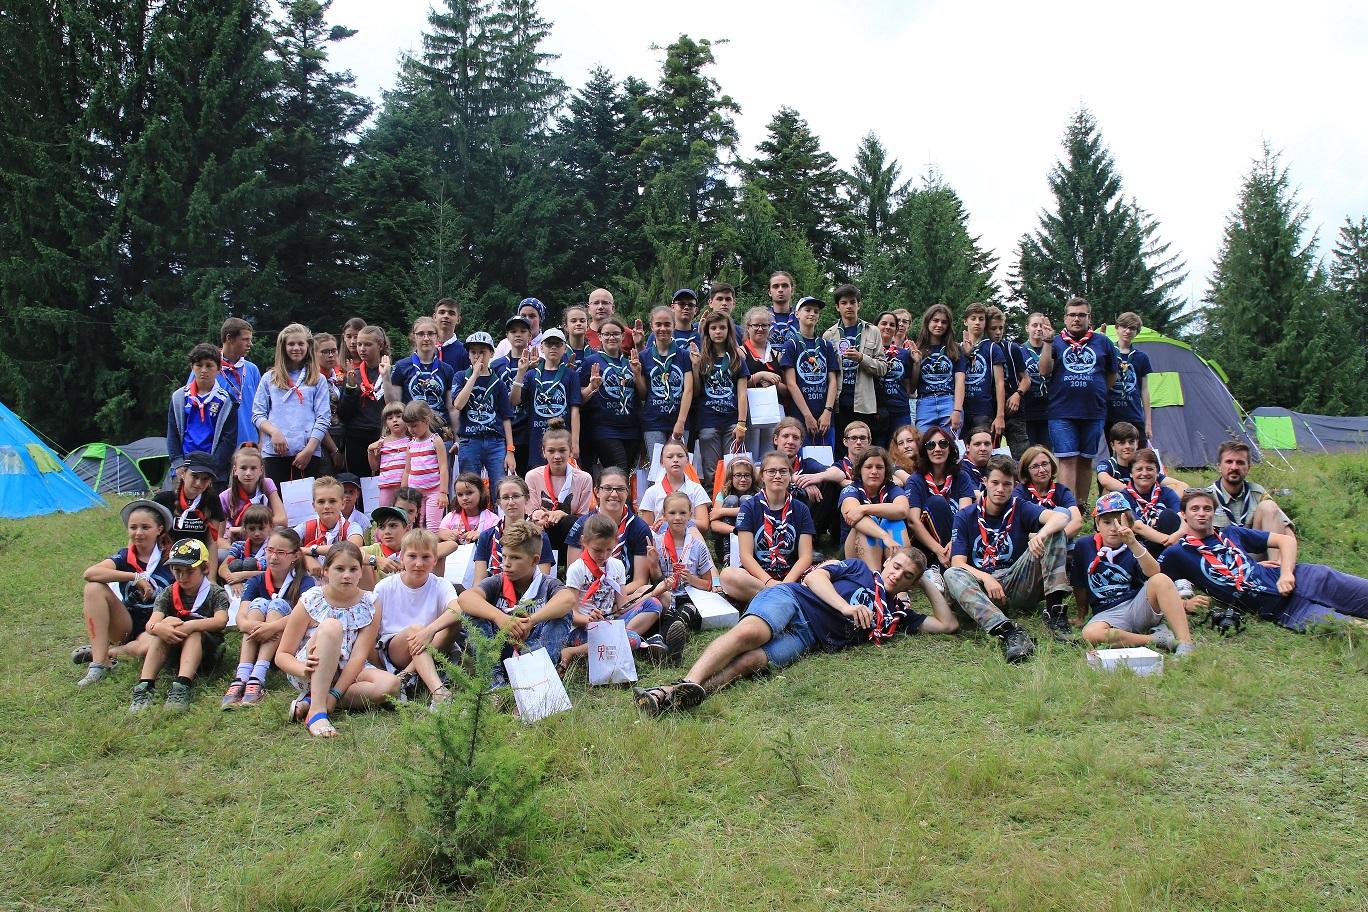 Cercetașii polonezi și români sărbătoresc două centenare importante pentru ambele țări